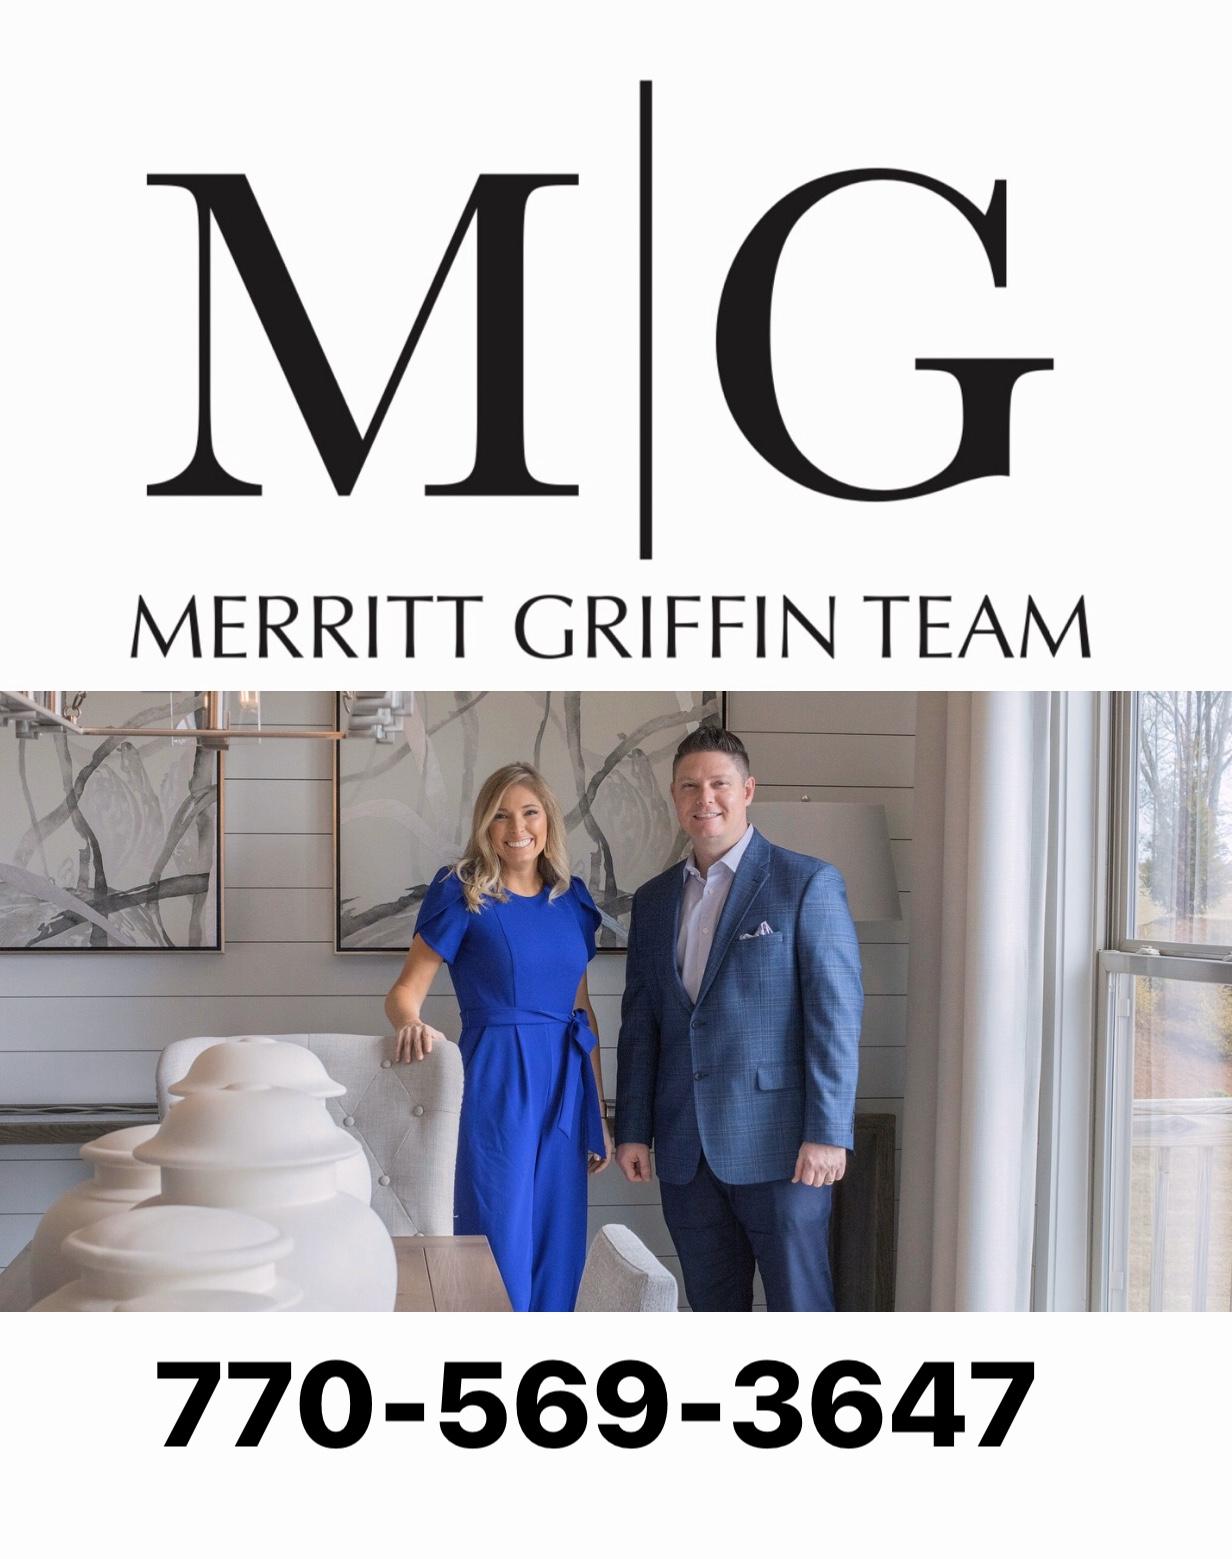 Merritt Griffin Team - Keller Williams  Logo